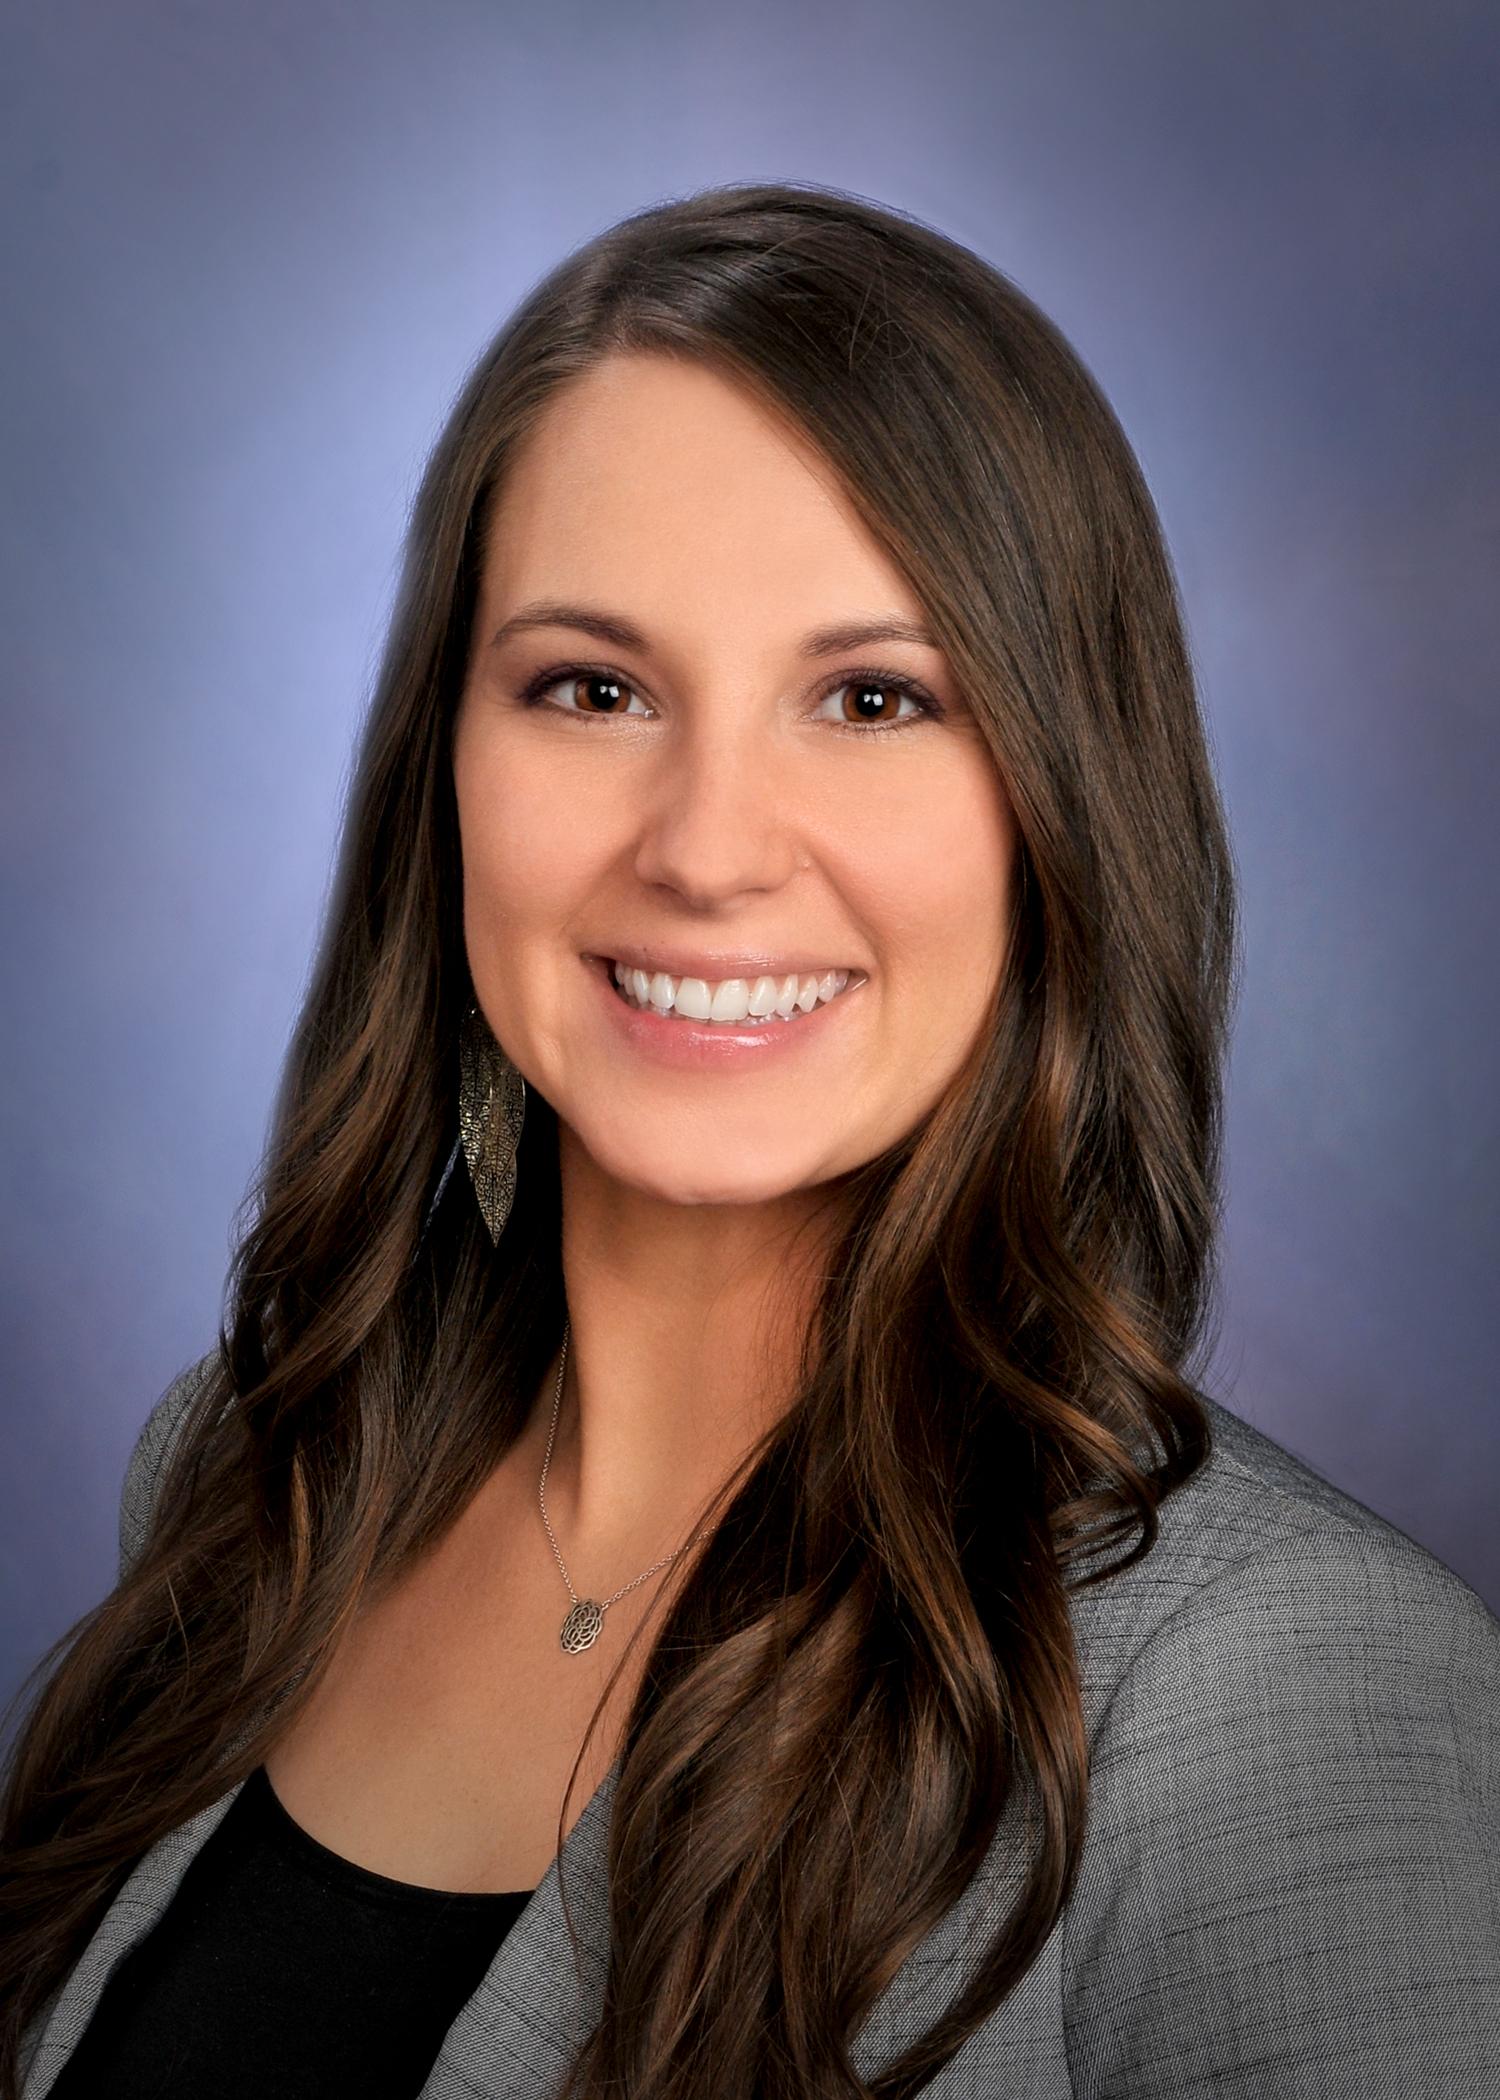 Rachel L. Clark : Owner, Patient Care Coordinator